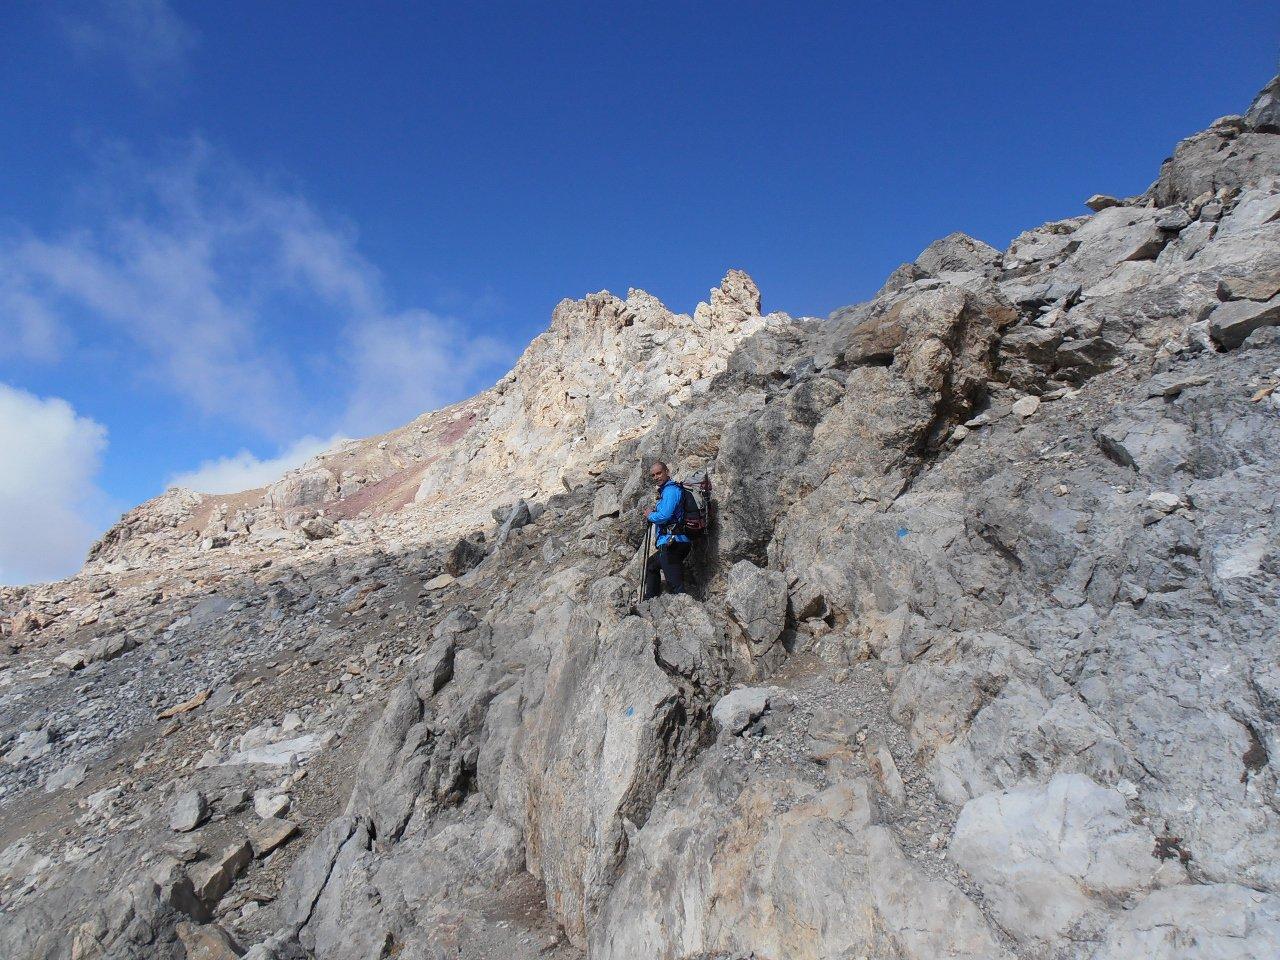 06 - passaggi su rocce montonate prima delle roccette finali